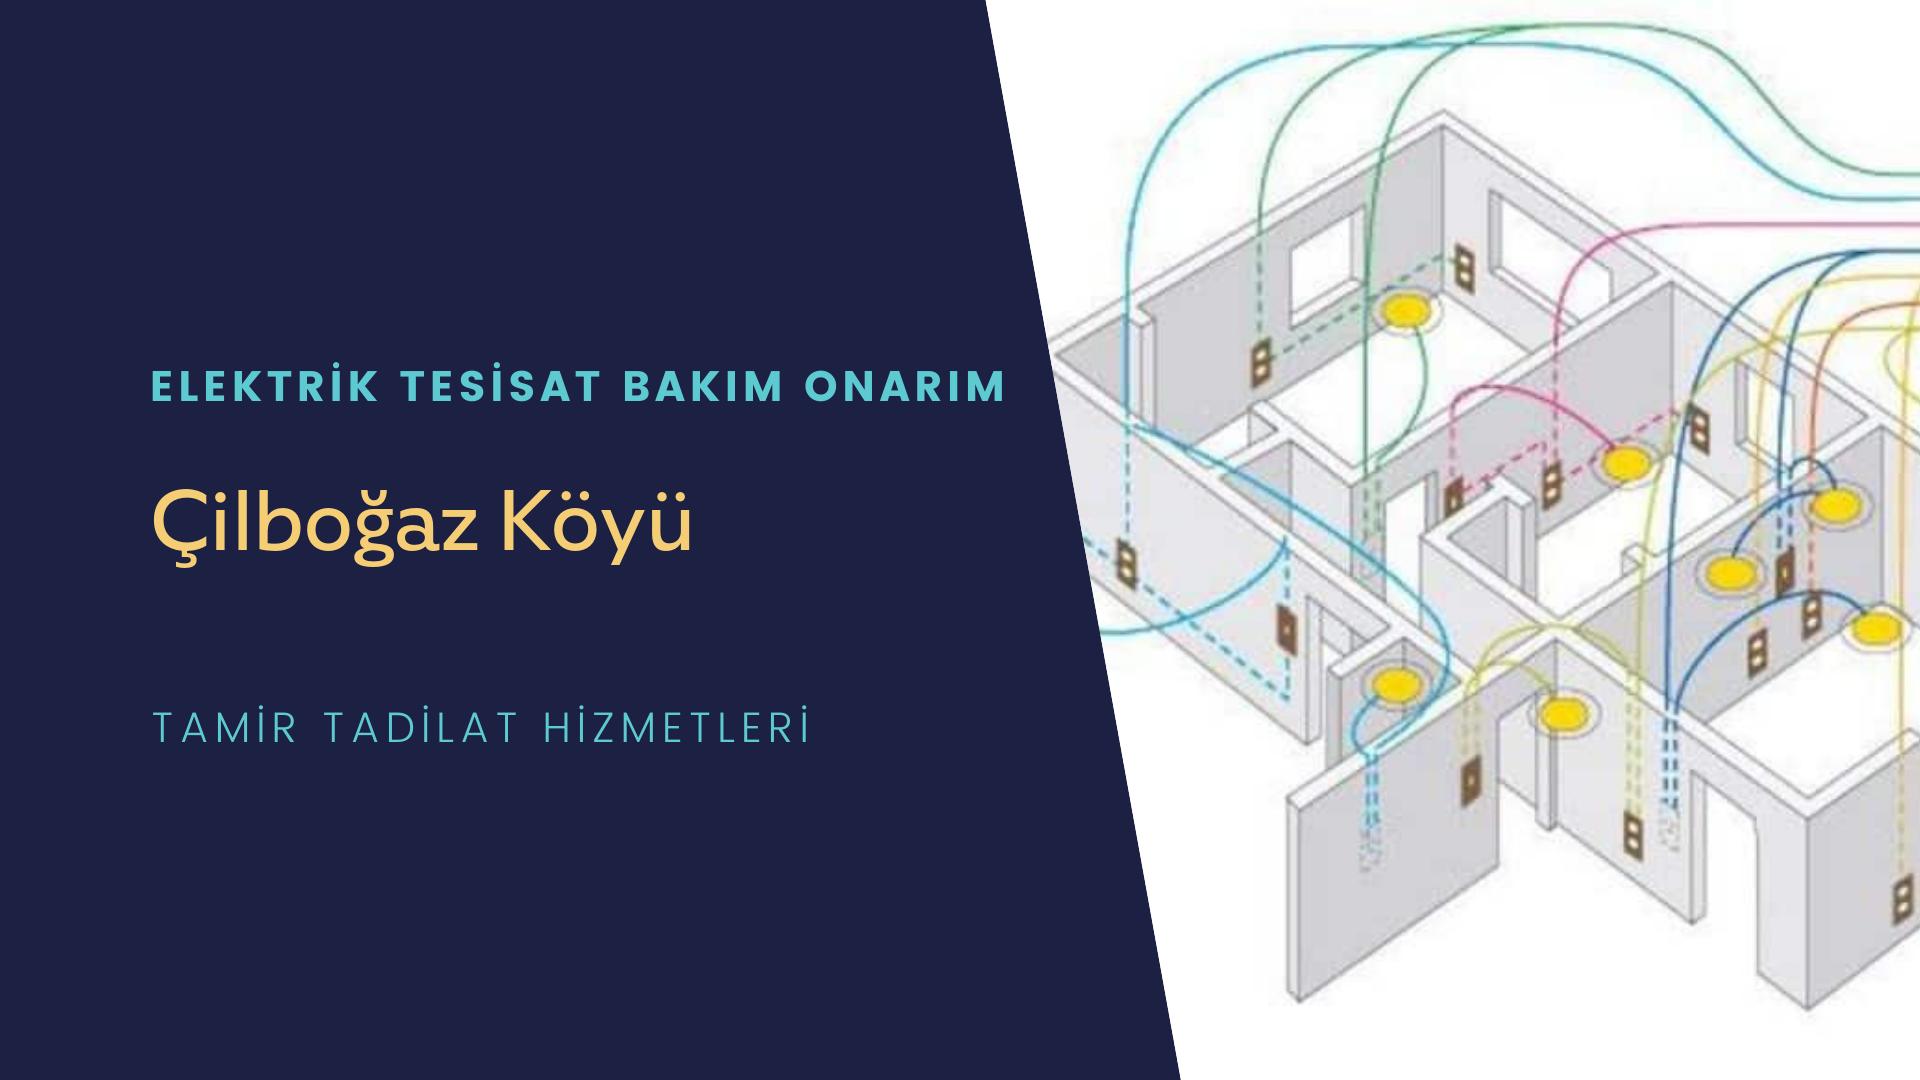 Çilboğaz Köyü  elektrik tesisatıustalarımı arıyorsunuz doğru adrestenizi Çilboğaz Köyü elektrik tesisatı ustalarımız 7/24 sizlere hizmet vermekten mutluluk duyar.